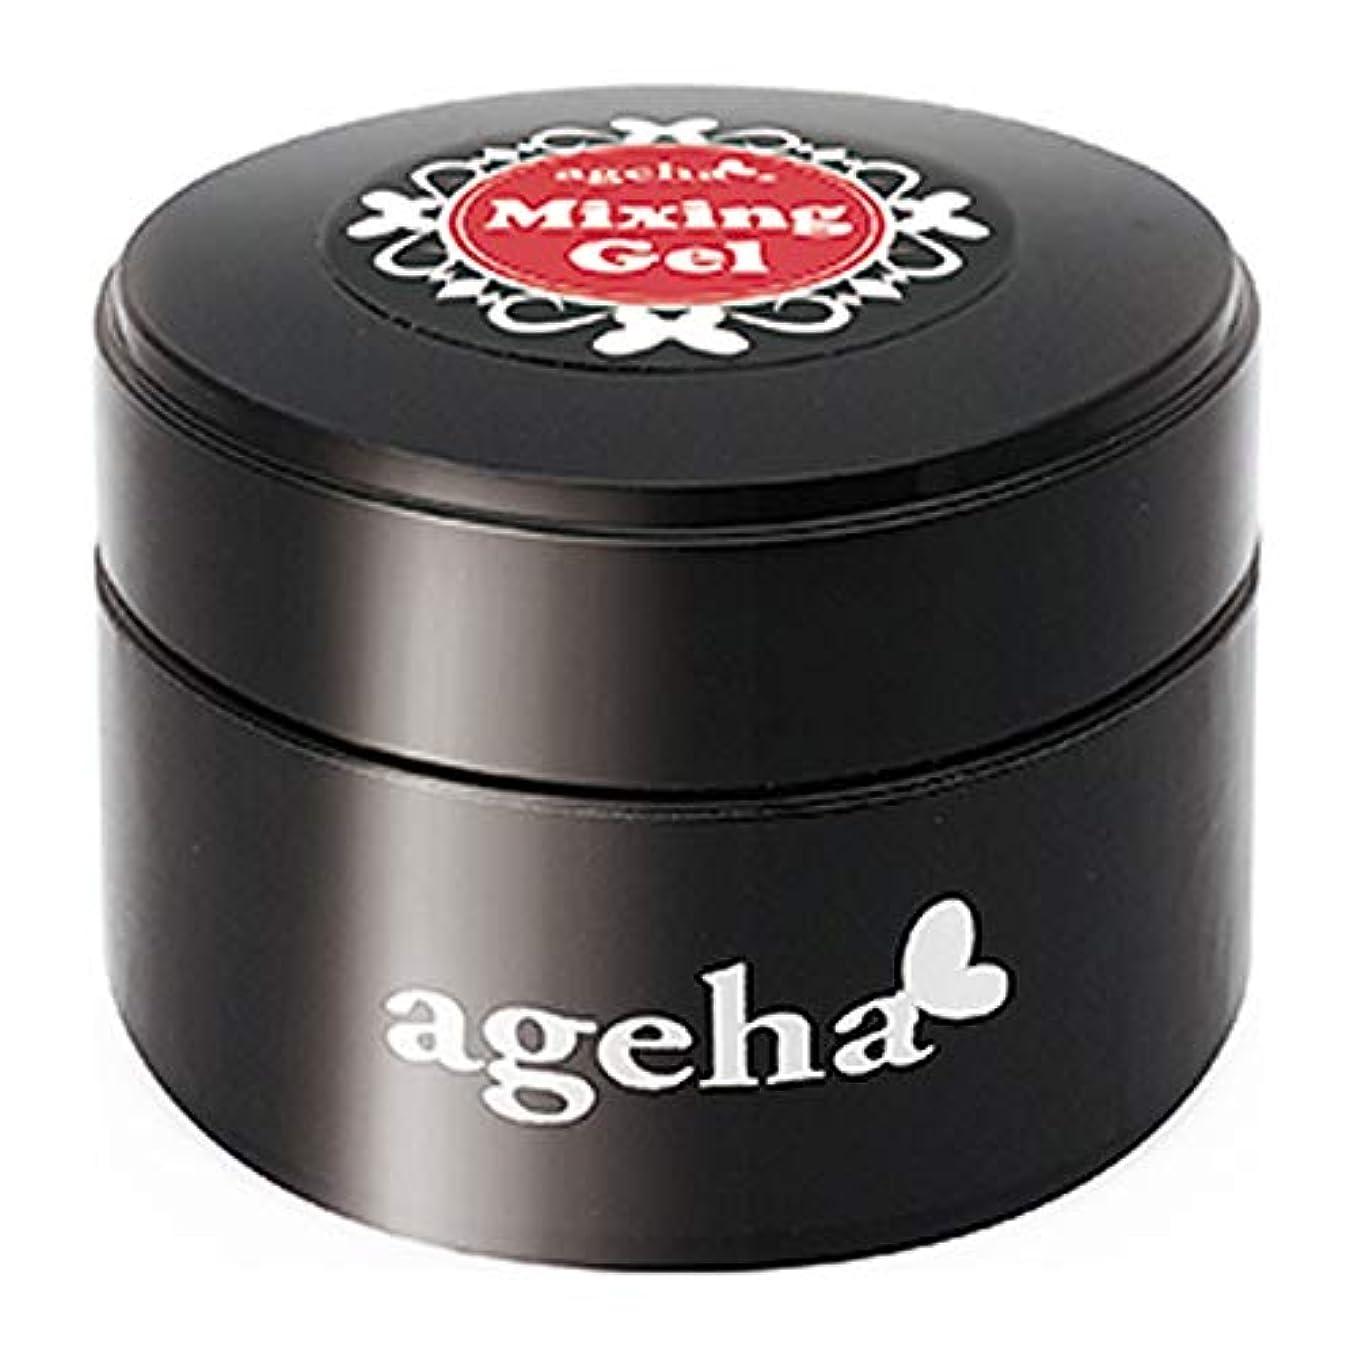 バン独立した安全性ageha ミキシングジェル 23g UV/LED対応